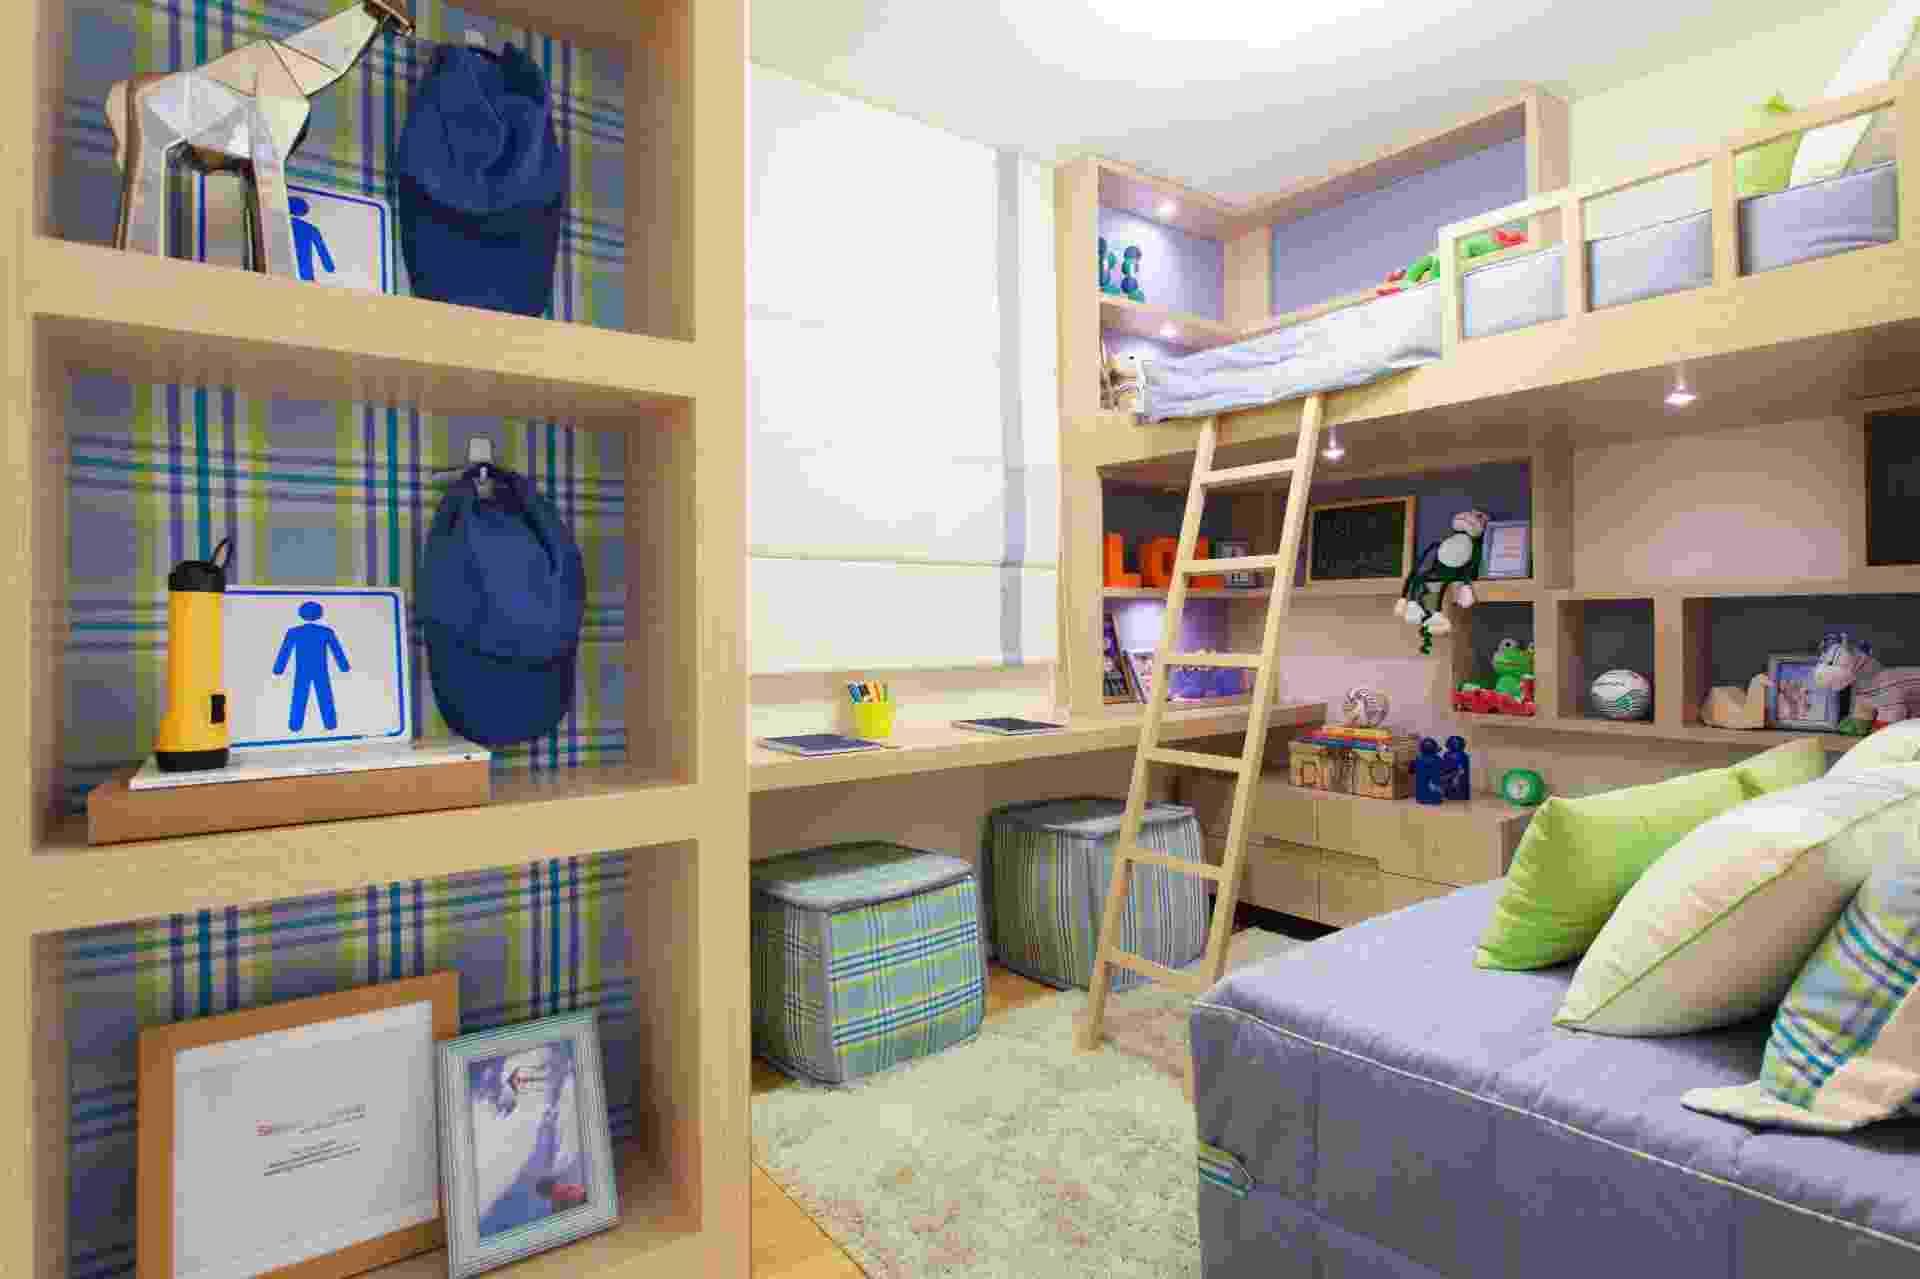 """A marcenaria inteligente (Portal da Madeira) é o ponto alto deste projeto assinado pelos arquitetos Marcello Sesso e Débora Dalanezi, em um quarto com 7,6 m², para dois meninos de oito anos. Elevada, uma das camas deixa a área abaixo de si livre para nichos e brinquedos. """"Esse recurso cria espaço útil para brincar e estudar, além de facilitar o 'layout' de dormitórios pequenos"""", diz Dalanezi. Uma bancada de estudos, dupla, percorre toda a parede lateral sob a janela - Bruno Cocozza/ Divulgação"""